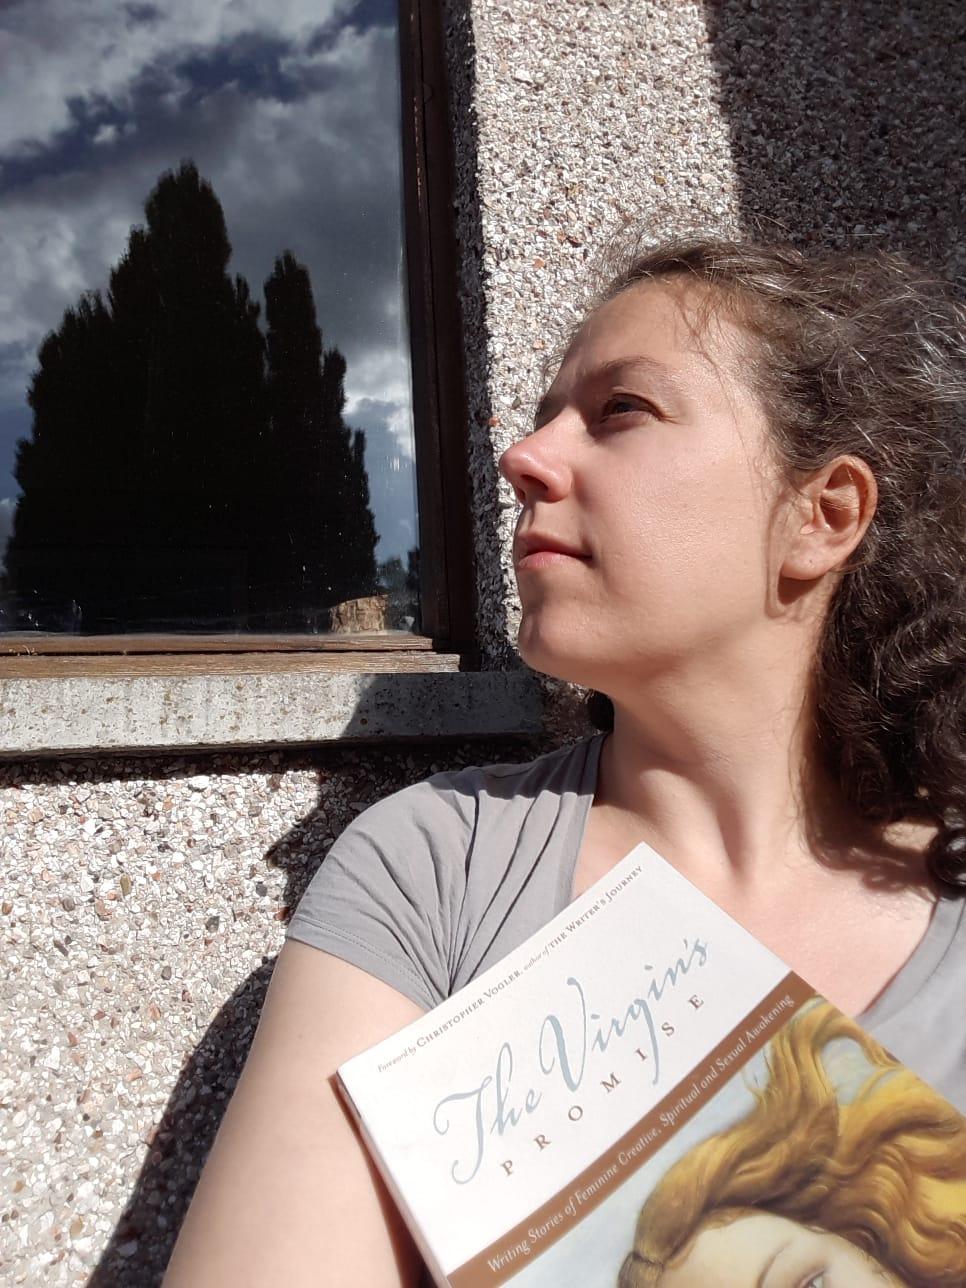 Savourer les vacances, le soleil, le flow et l'intuition - Un voyage intuitif au coeur des Highlands en Ecosse - Voyages et Vagabondages